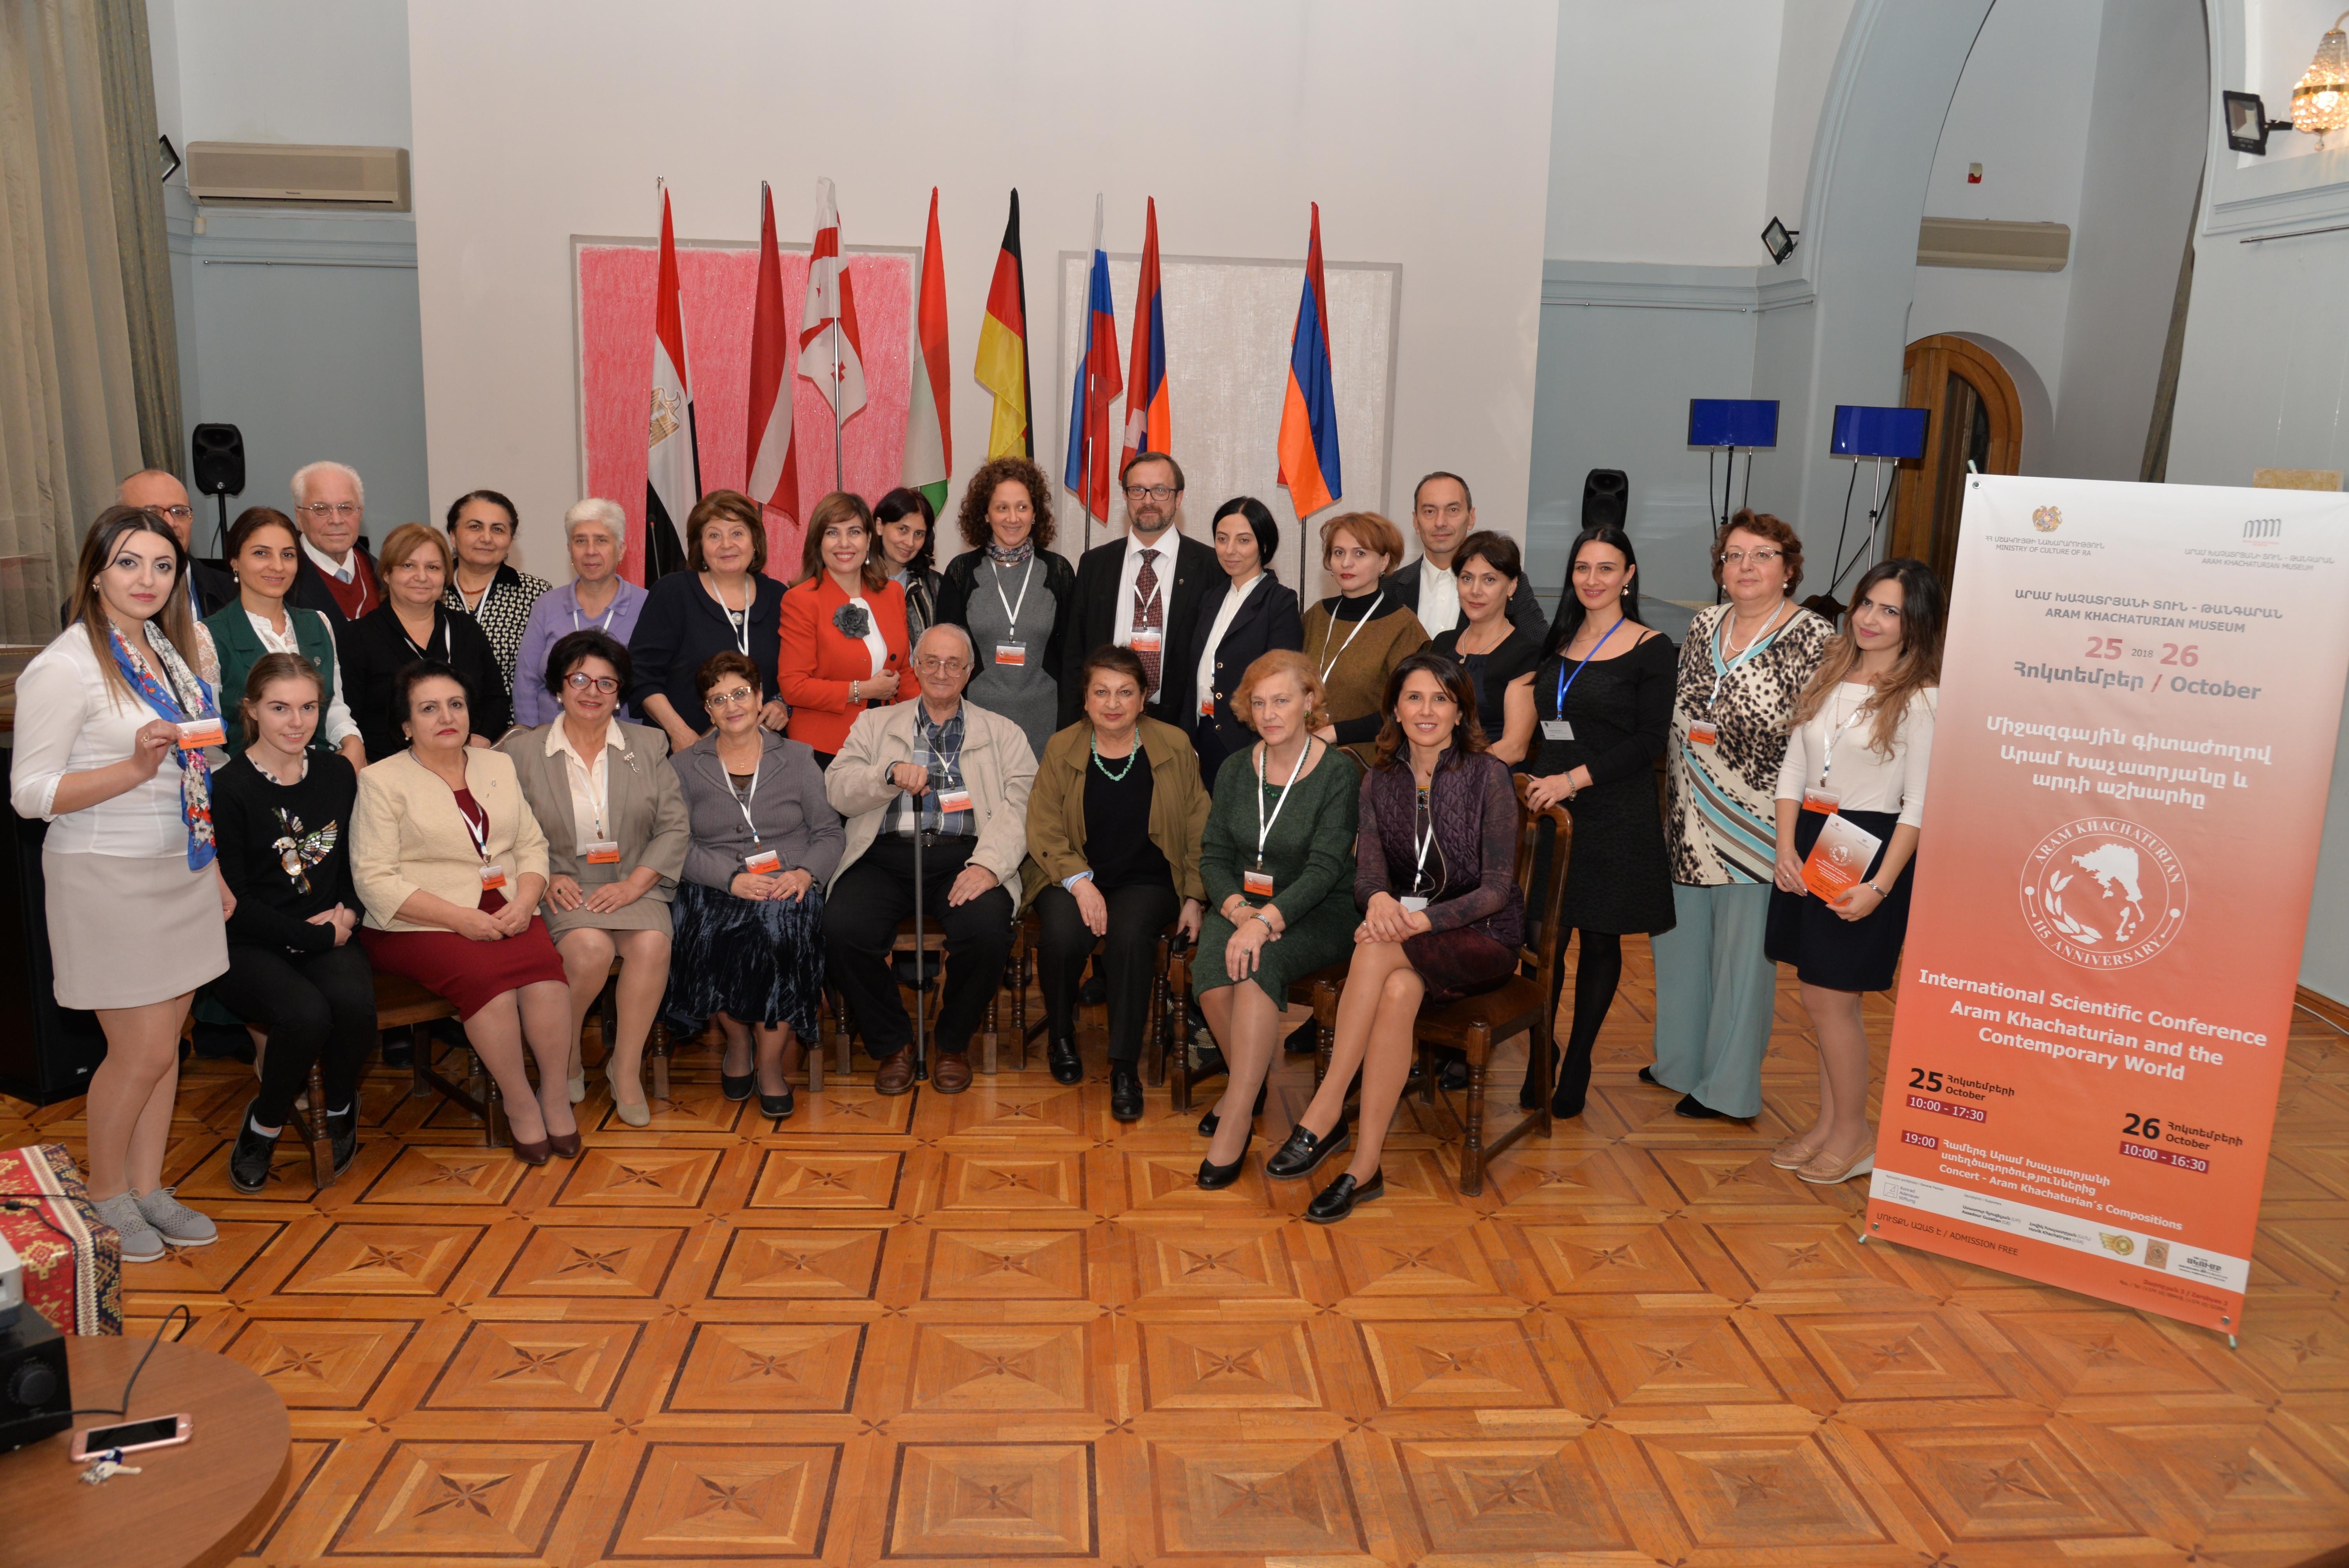 Konferencija v Erevane-2018.JPG